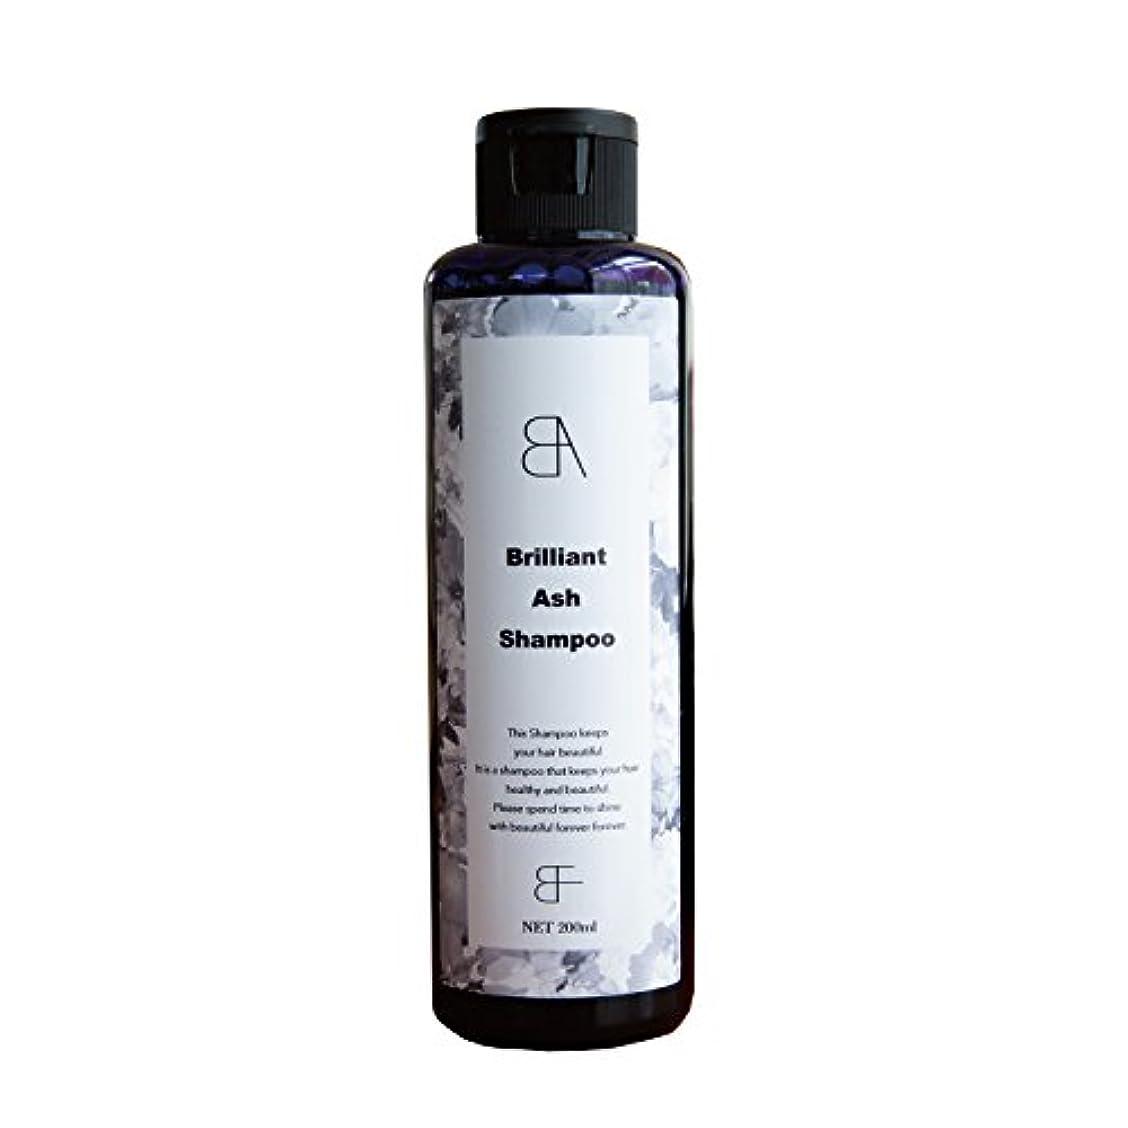 うなる所有者突き出すBrilliant Ash Shampoo(ブリリアント アッシュ シャンプー) カラーシャンプー シルバーシャンプー 200ml (サロン専売商品)